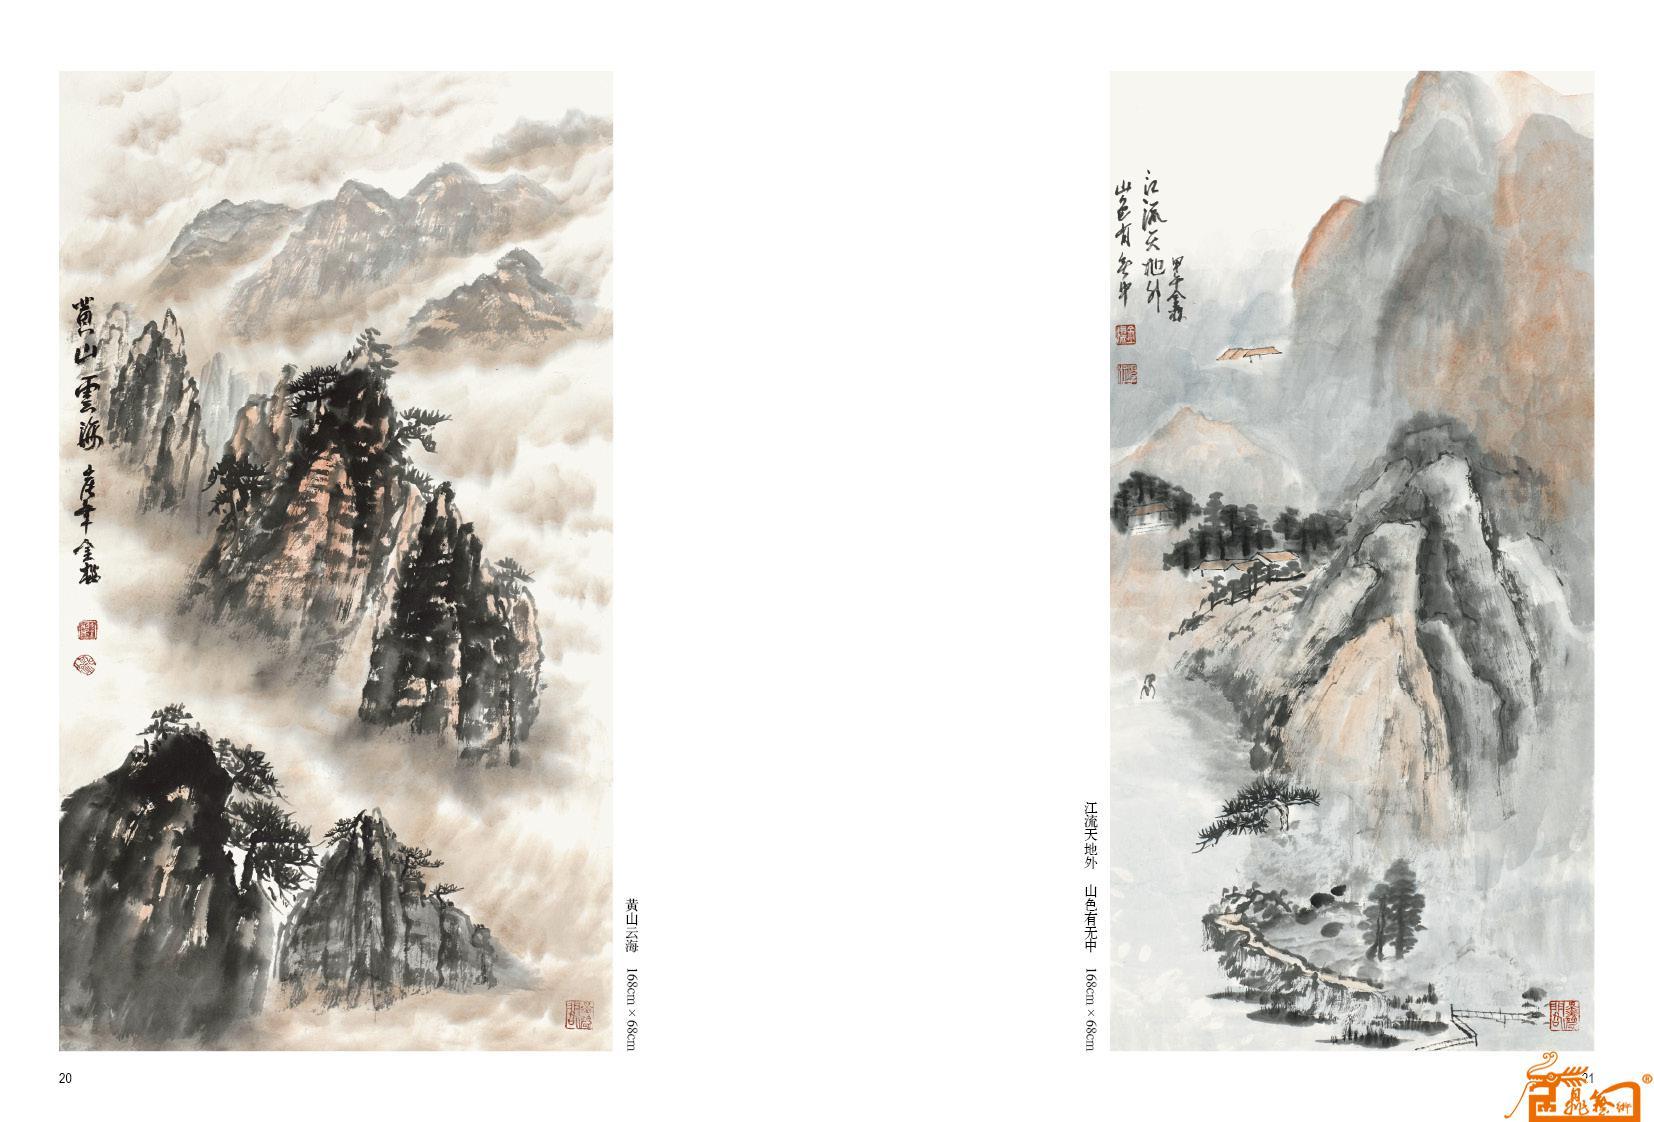 金樱-国画山水-10-淘宝-名人字画-中国书画服务中心